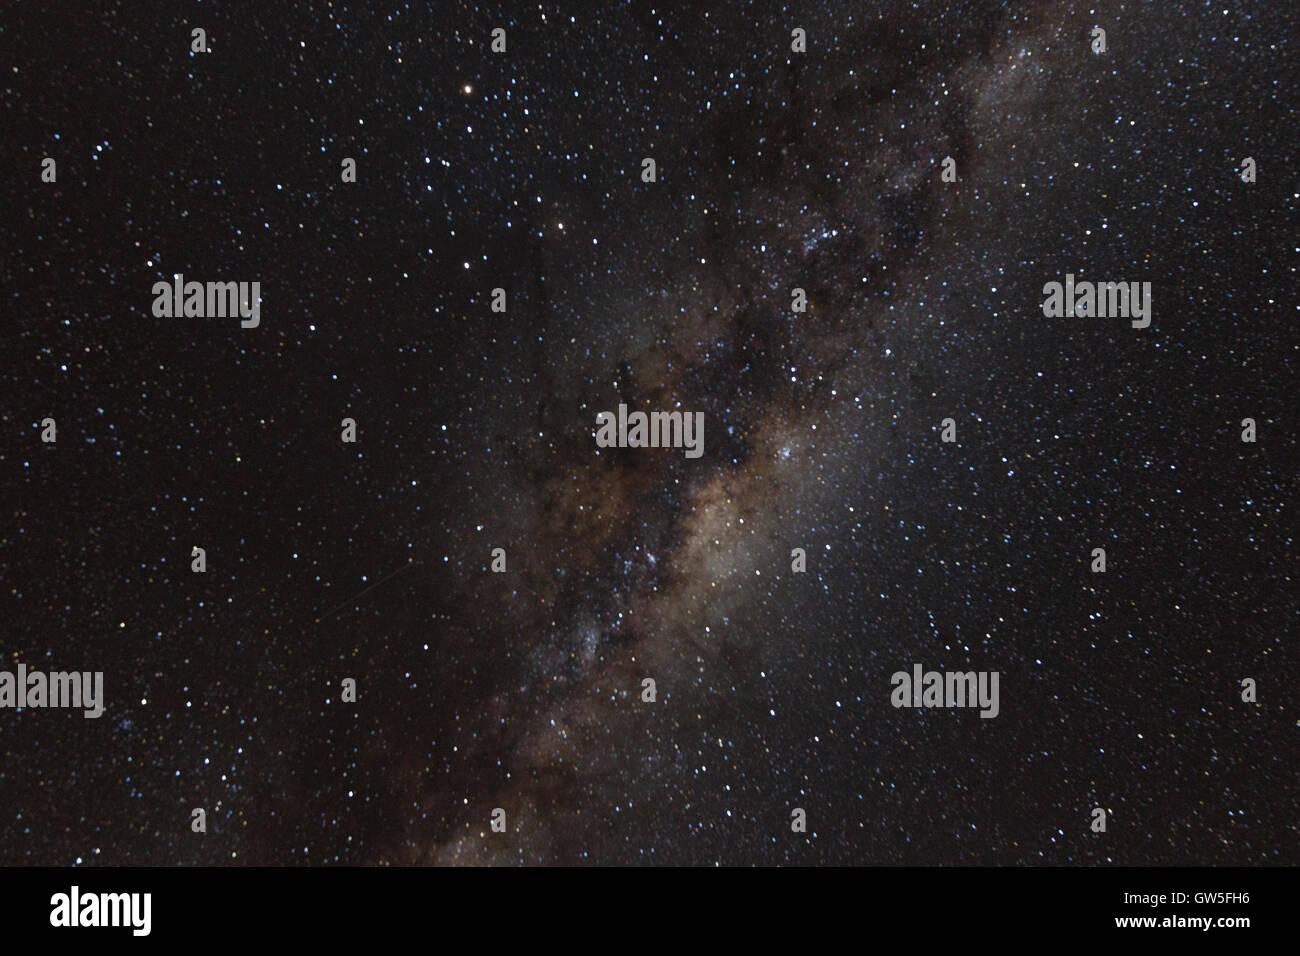 Stelle Stelle - Via Lattea - La Via Lattea è la galassia che contiene il nostro sistema solare. Il suo nome 'milky' è derivato dal suo appea Foto Stock